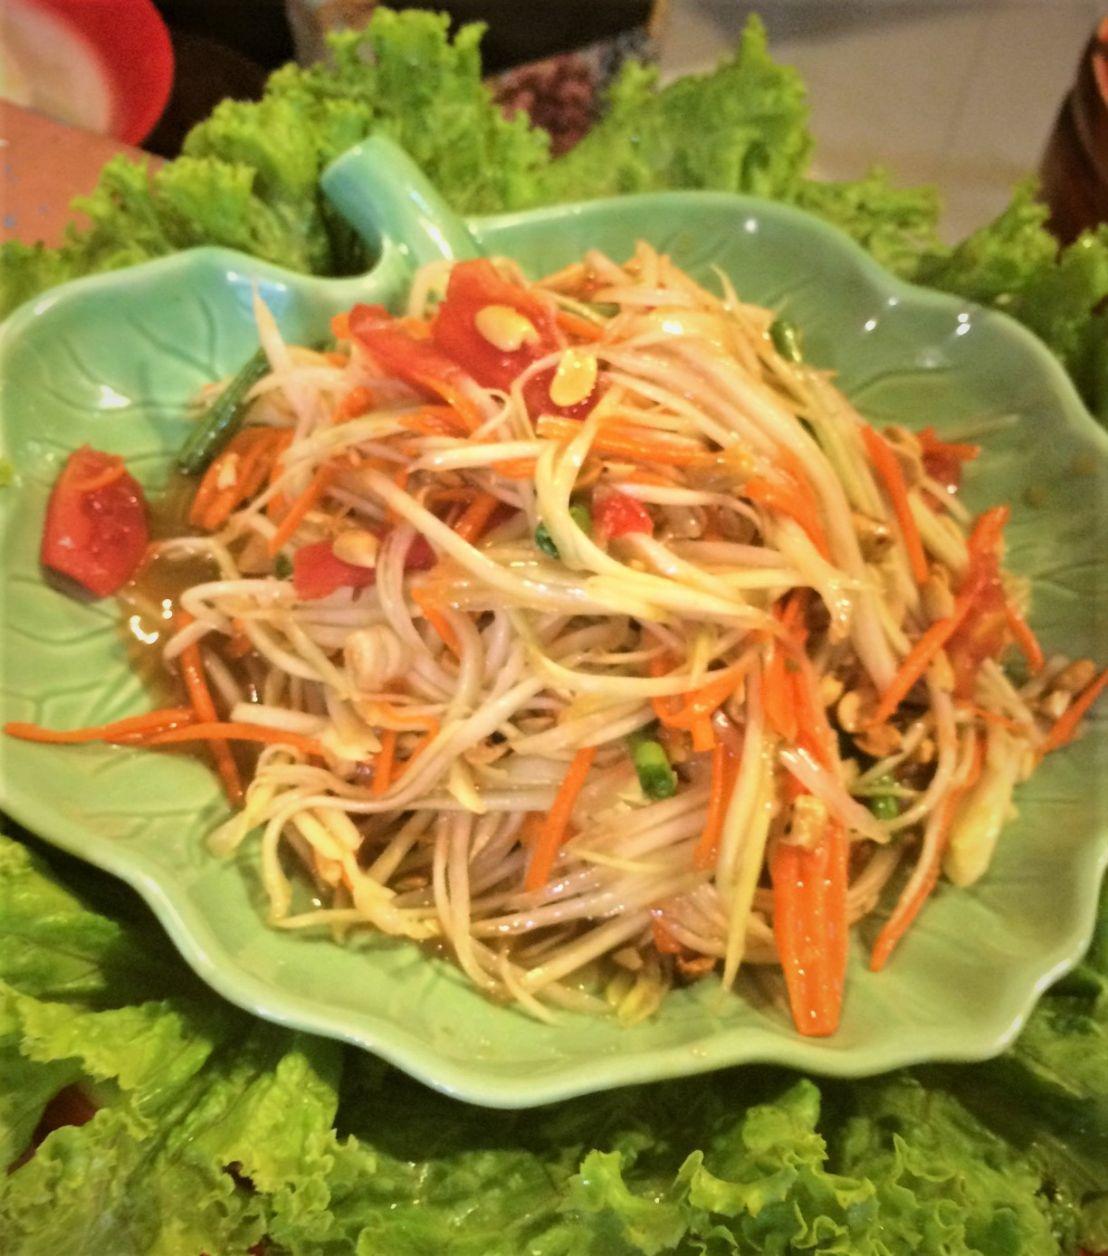 Papaya salad pronta! Foram só duas pimentinhas pequenas para esse tantão de salada e o negócio já ficou PODEROSO